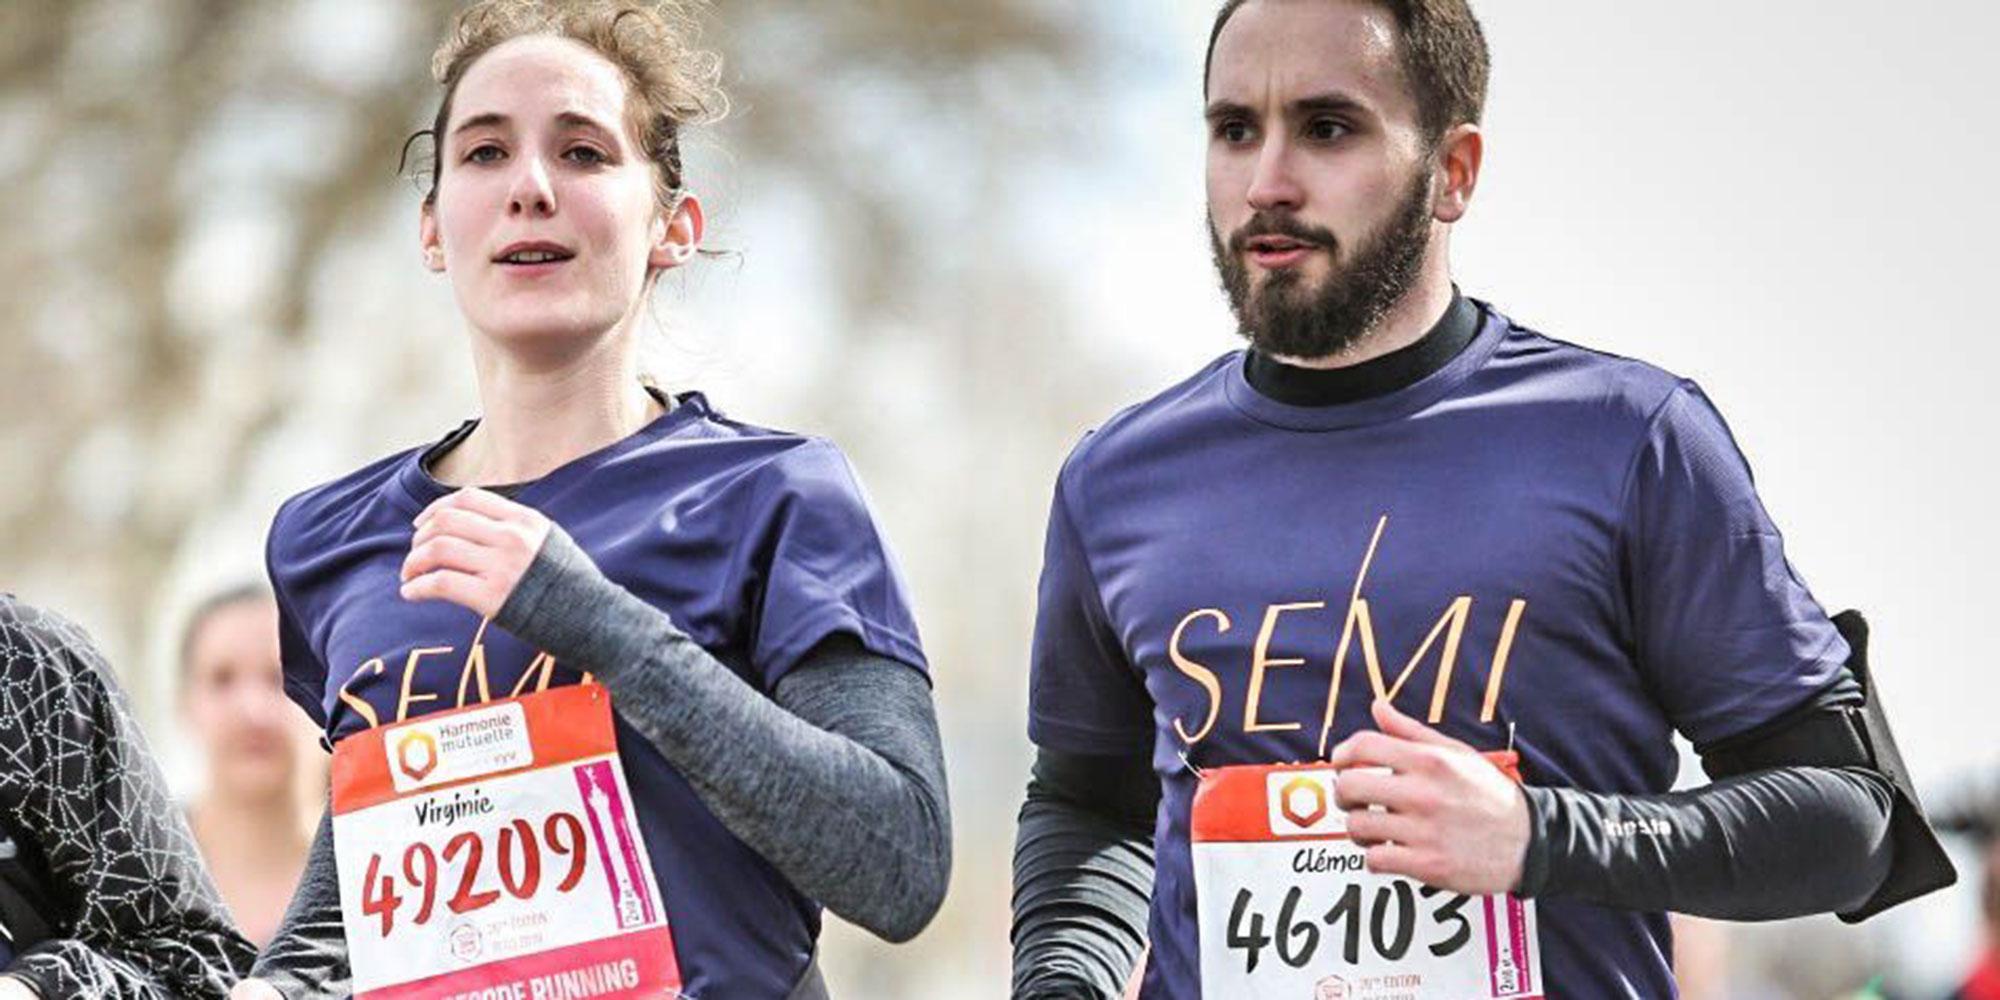 Marathon de Paris : Virginie Féral va courir pour deux après la mort de son compagnon